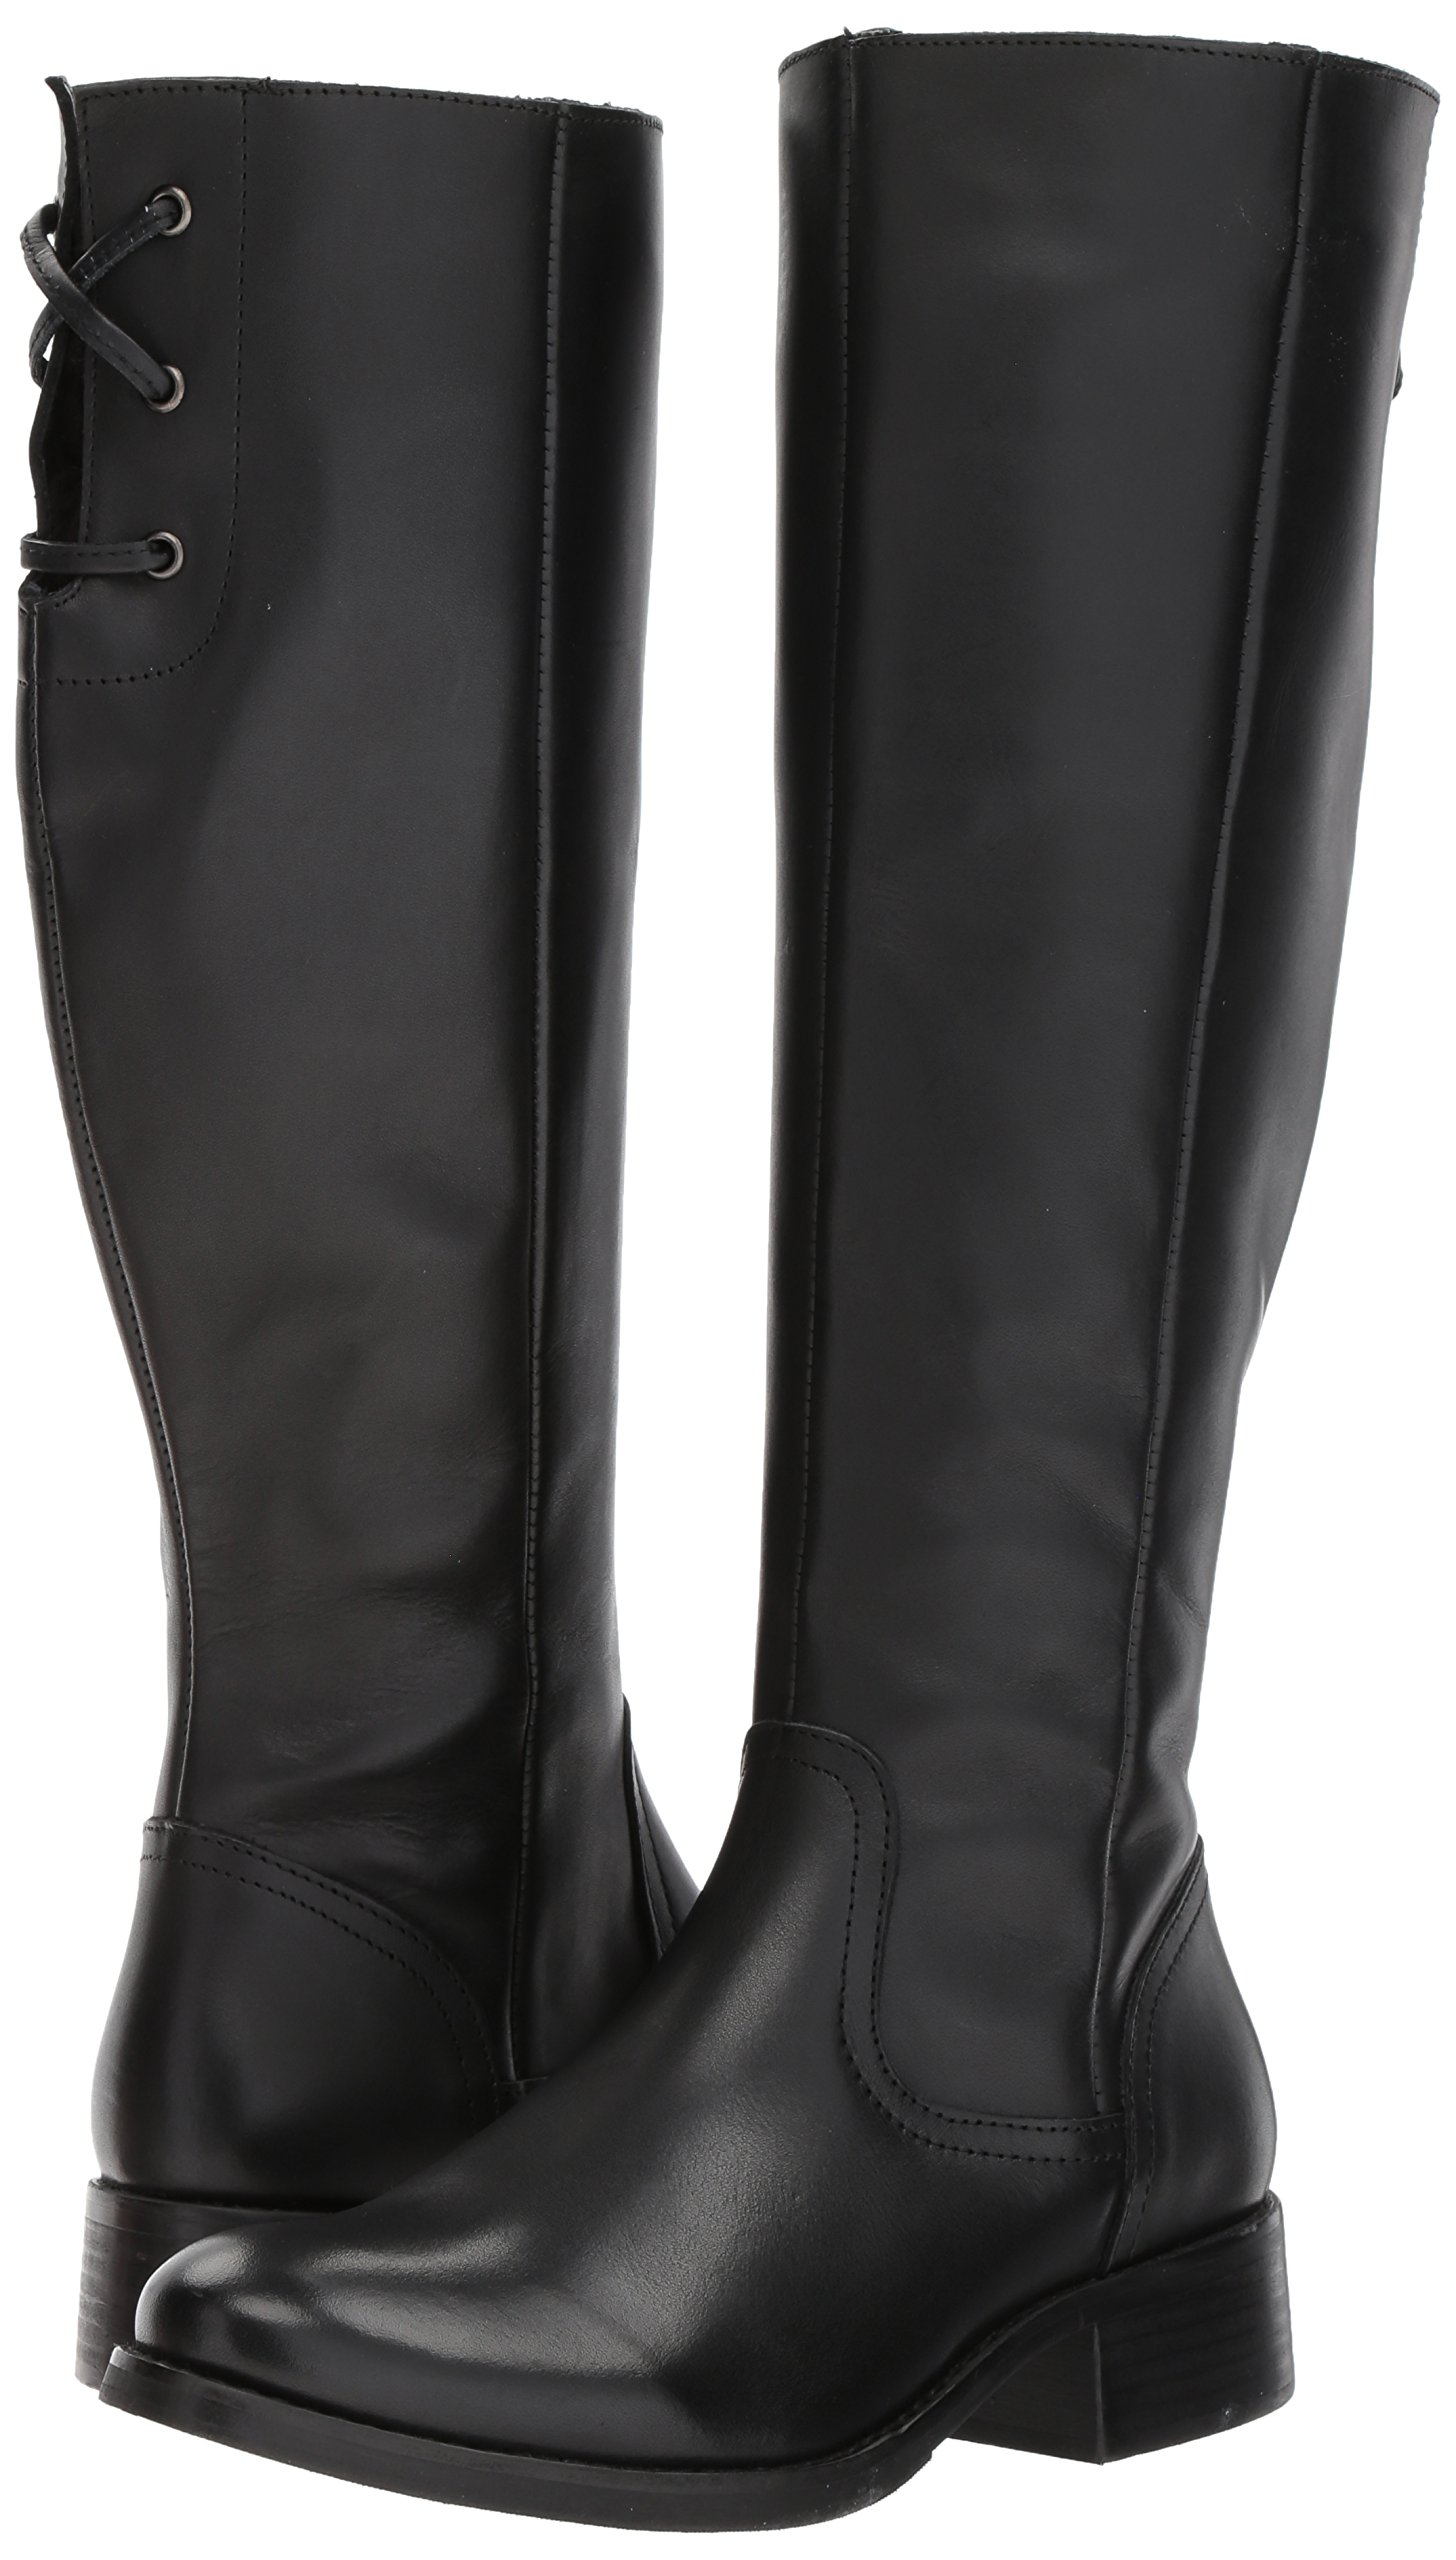 Steve Madden Women's Lover Western Boot, Black Leather, 8.5 M US by Steve Madden (Image #6)